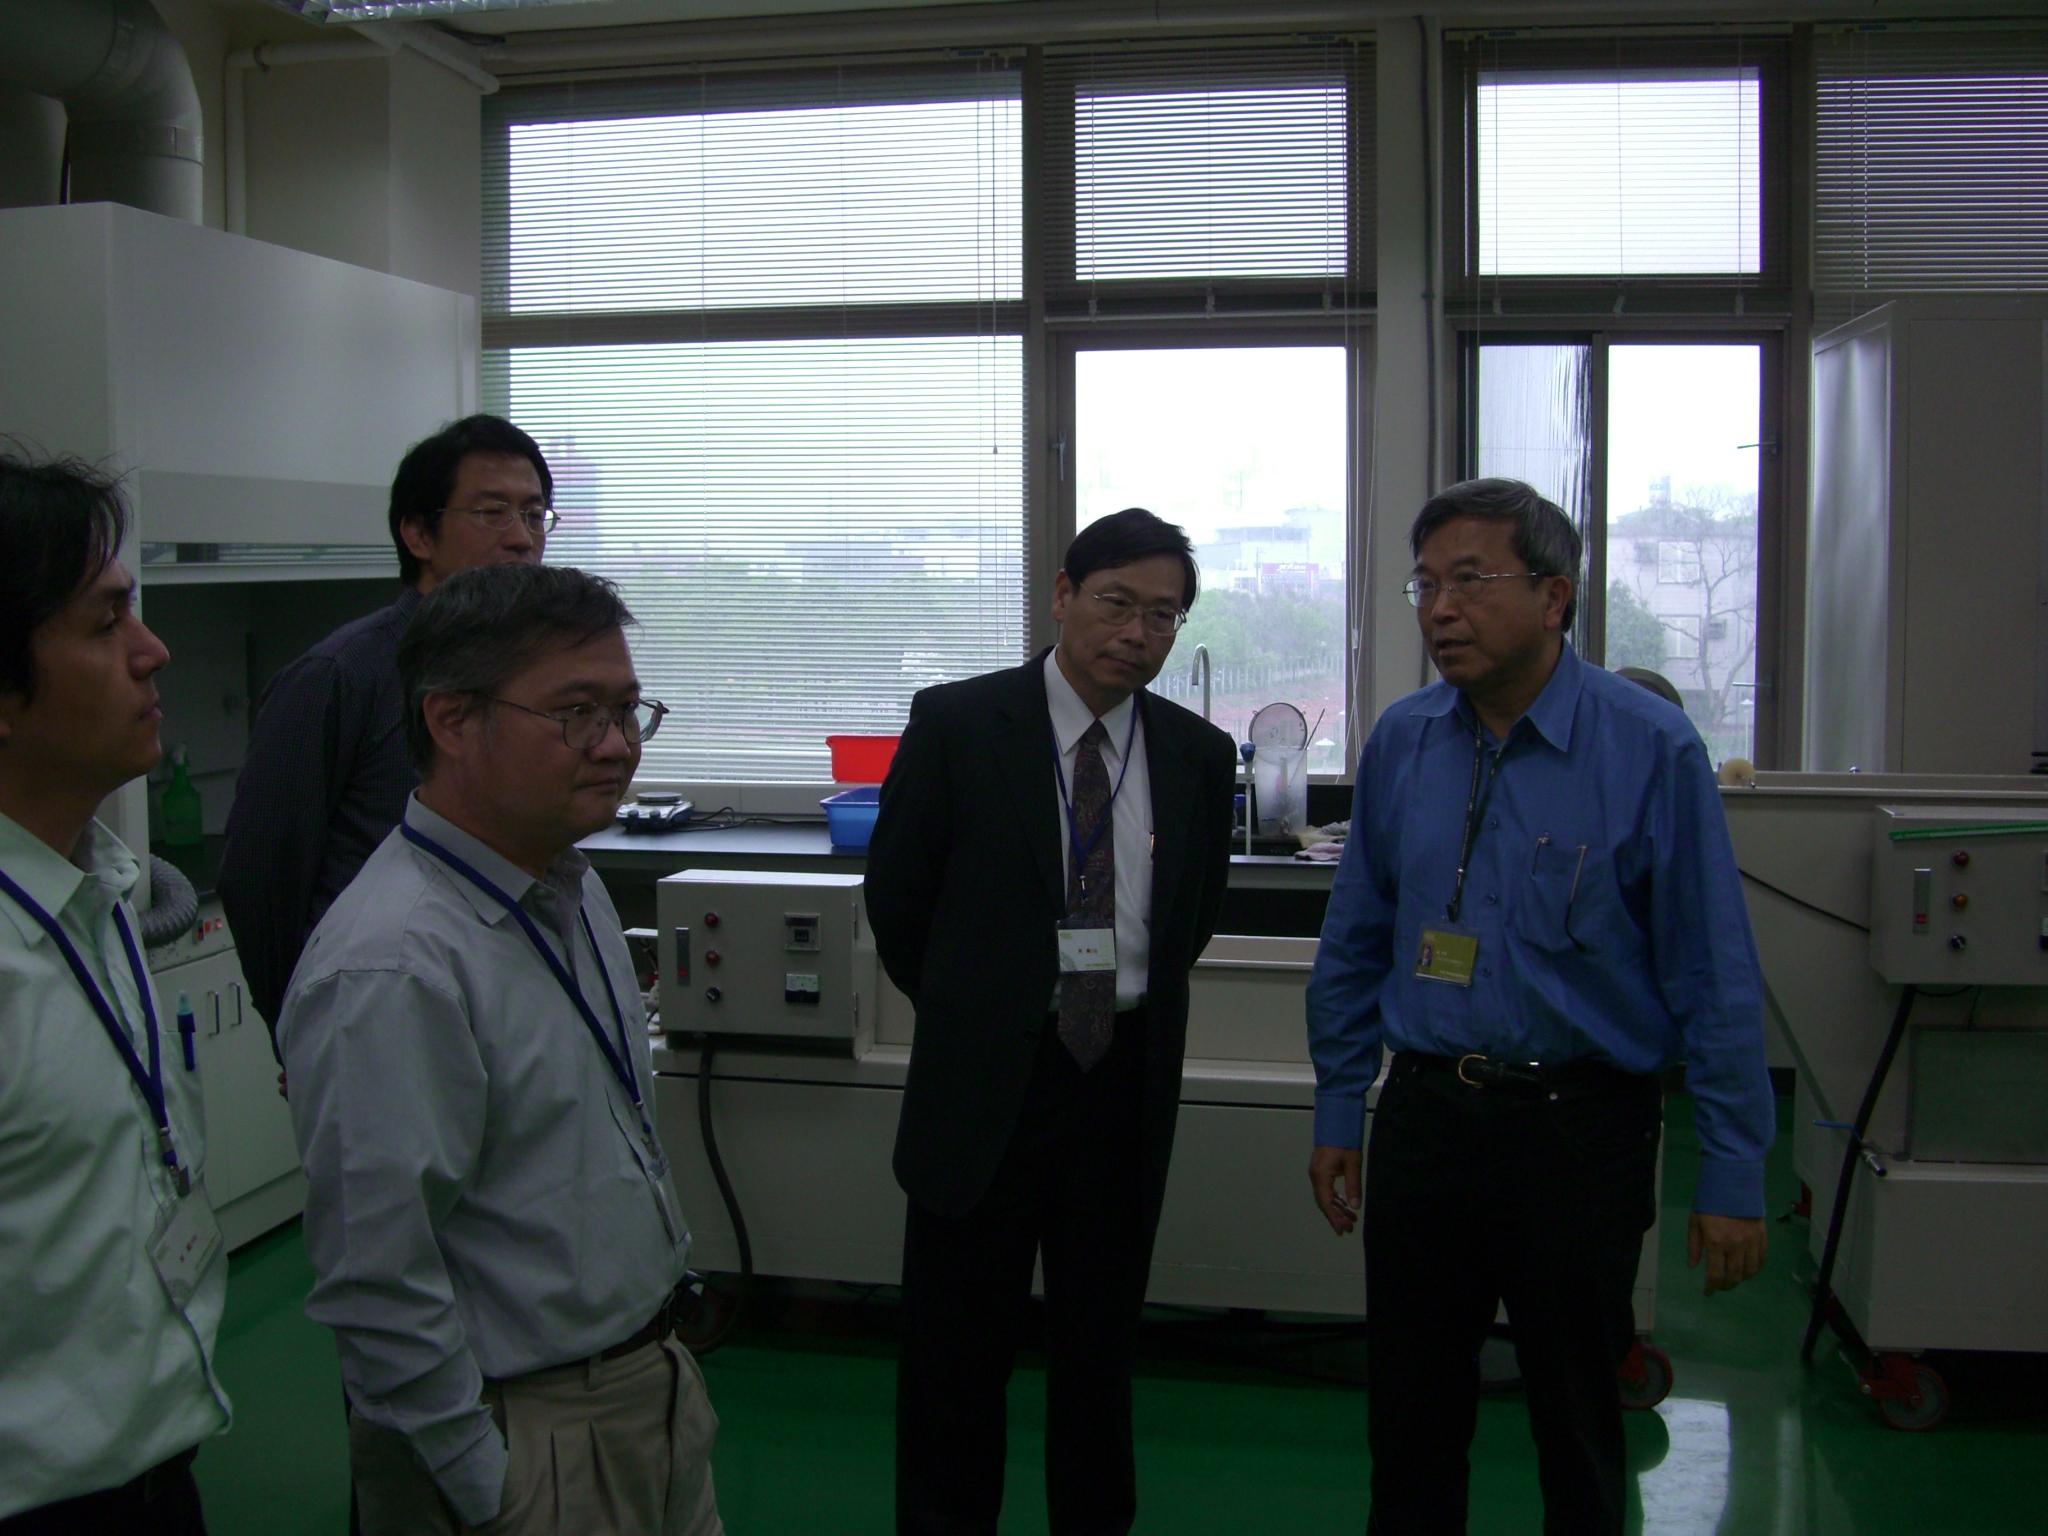 元智大學校長一行18人參訪中原大學薄膜中心